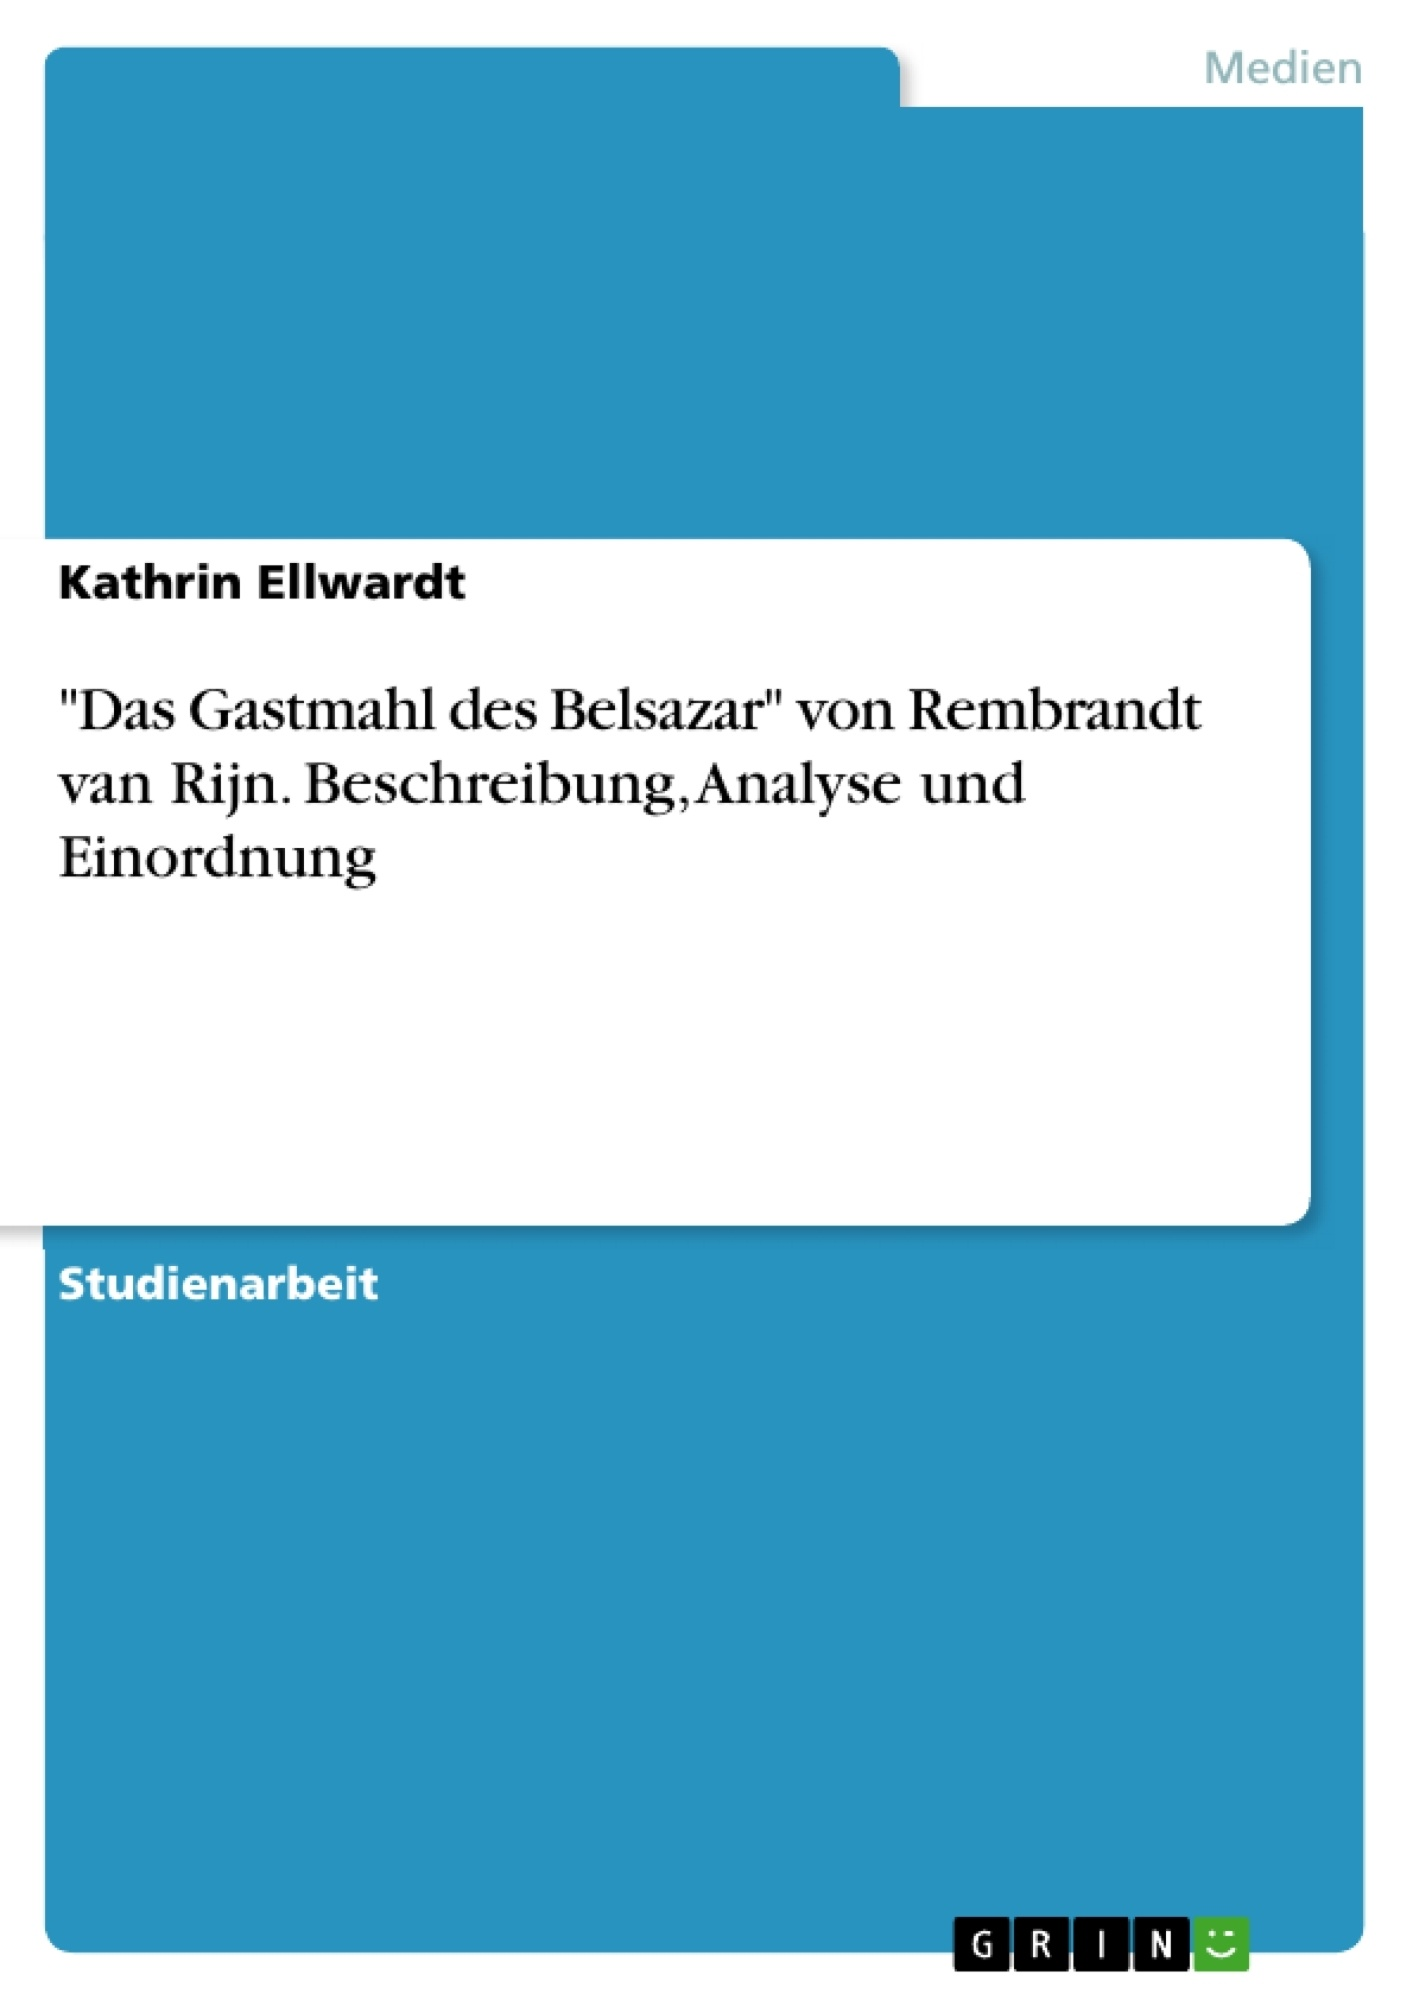 """Titel: """"Das Gastmahl des Belsazar"""" von Rembrandt van Rijn. Beschreibung, Analyse und Einordnung"""